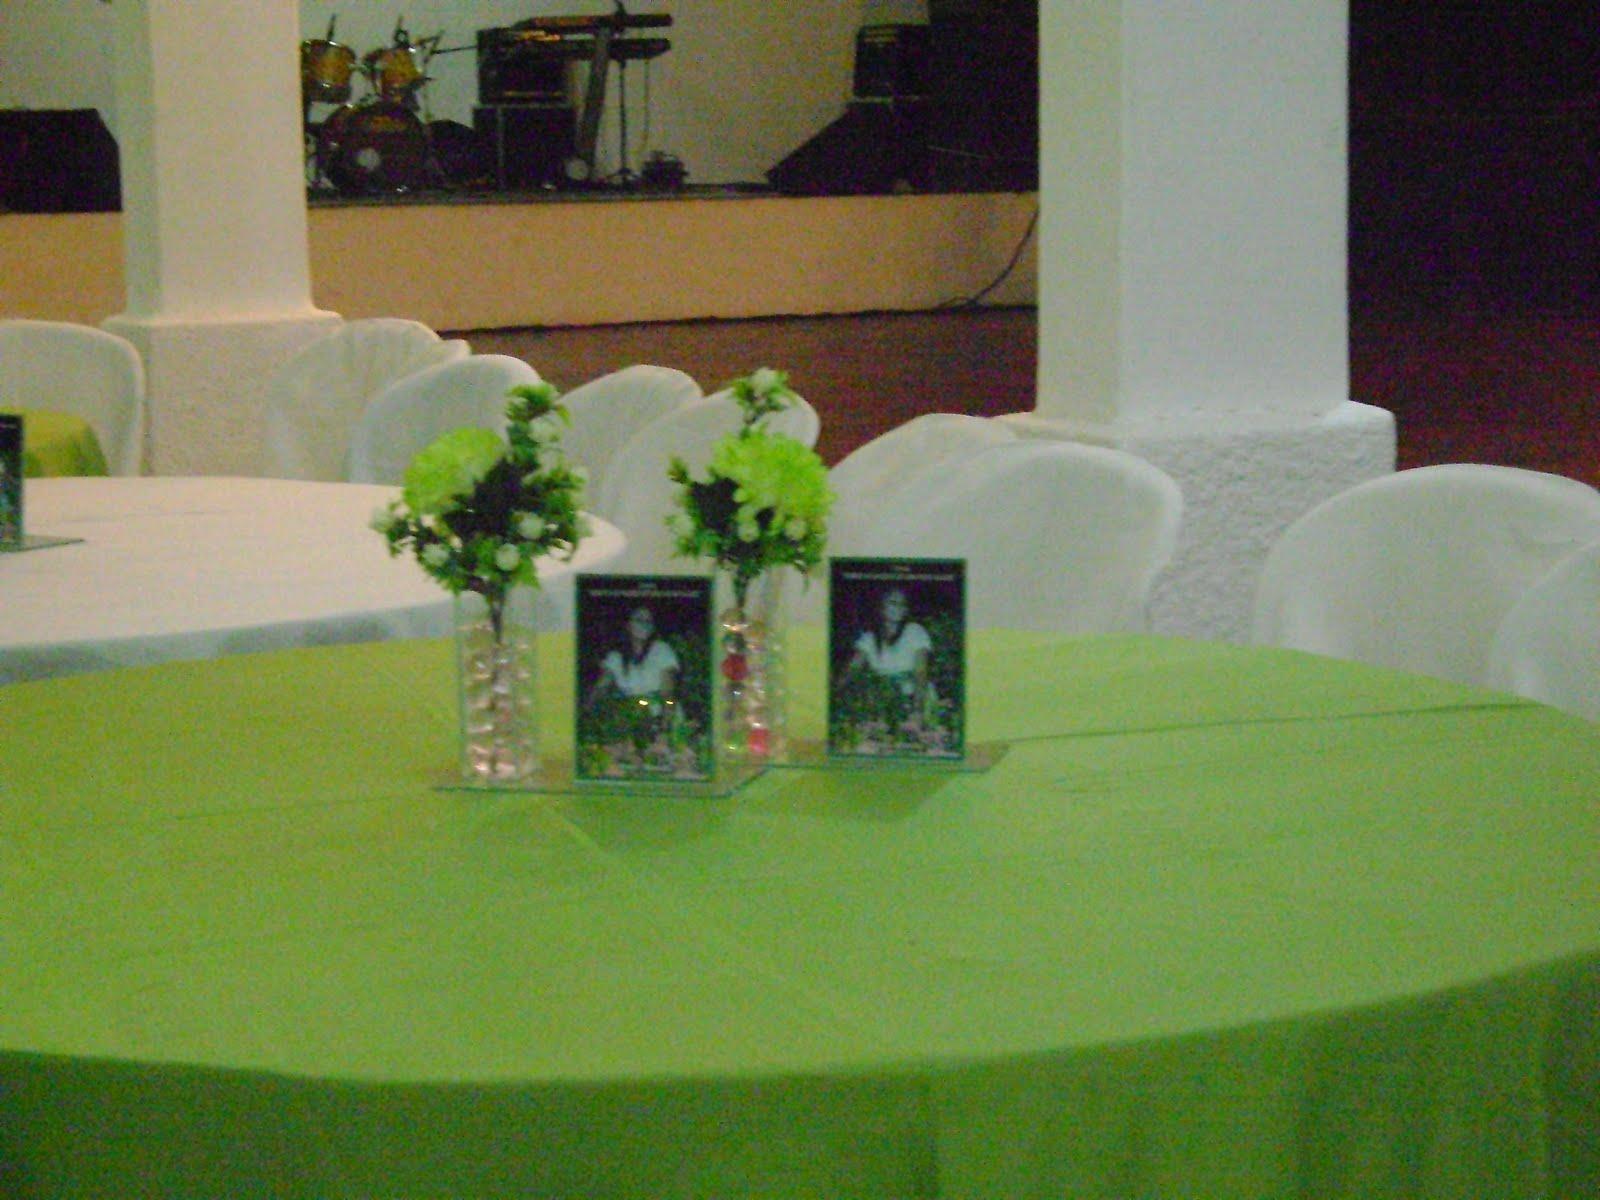 Floricultura Tutto Bello Formatura Tecnico em Enfermagem,decoraç u00e3o TUTTO BELLO -> Decoracao Formatura Enfermagem